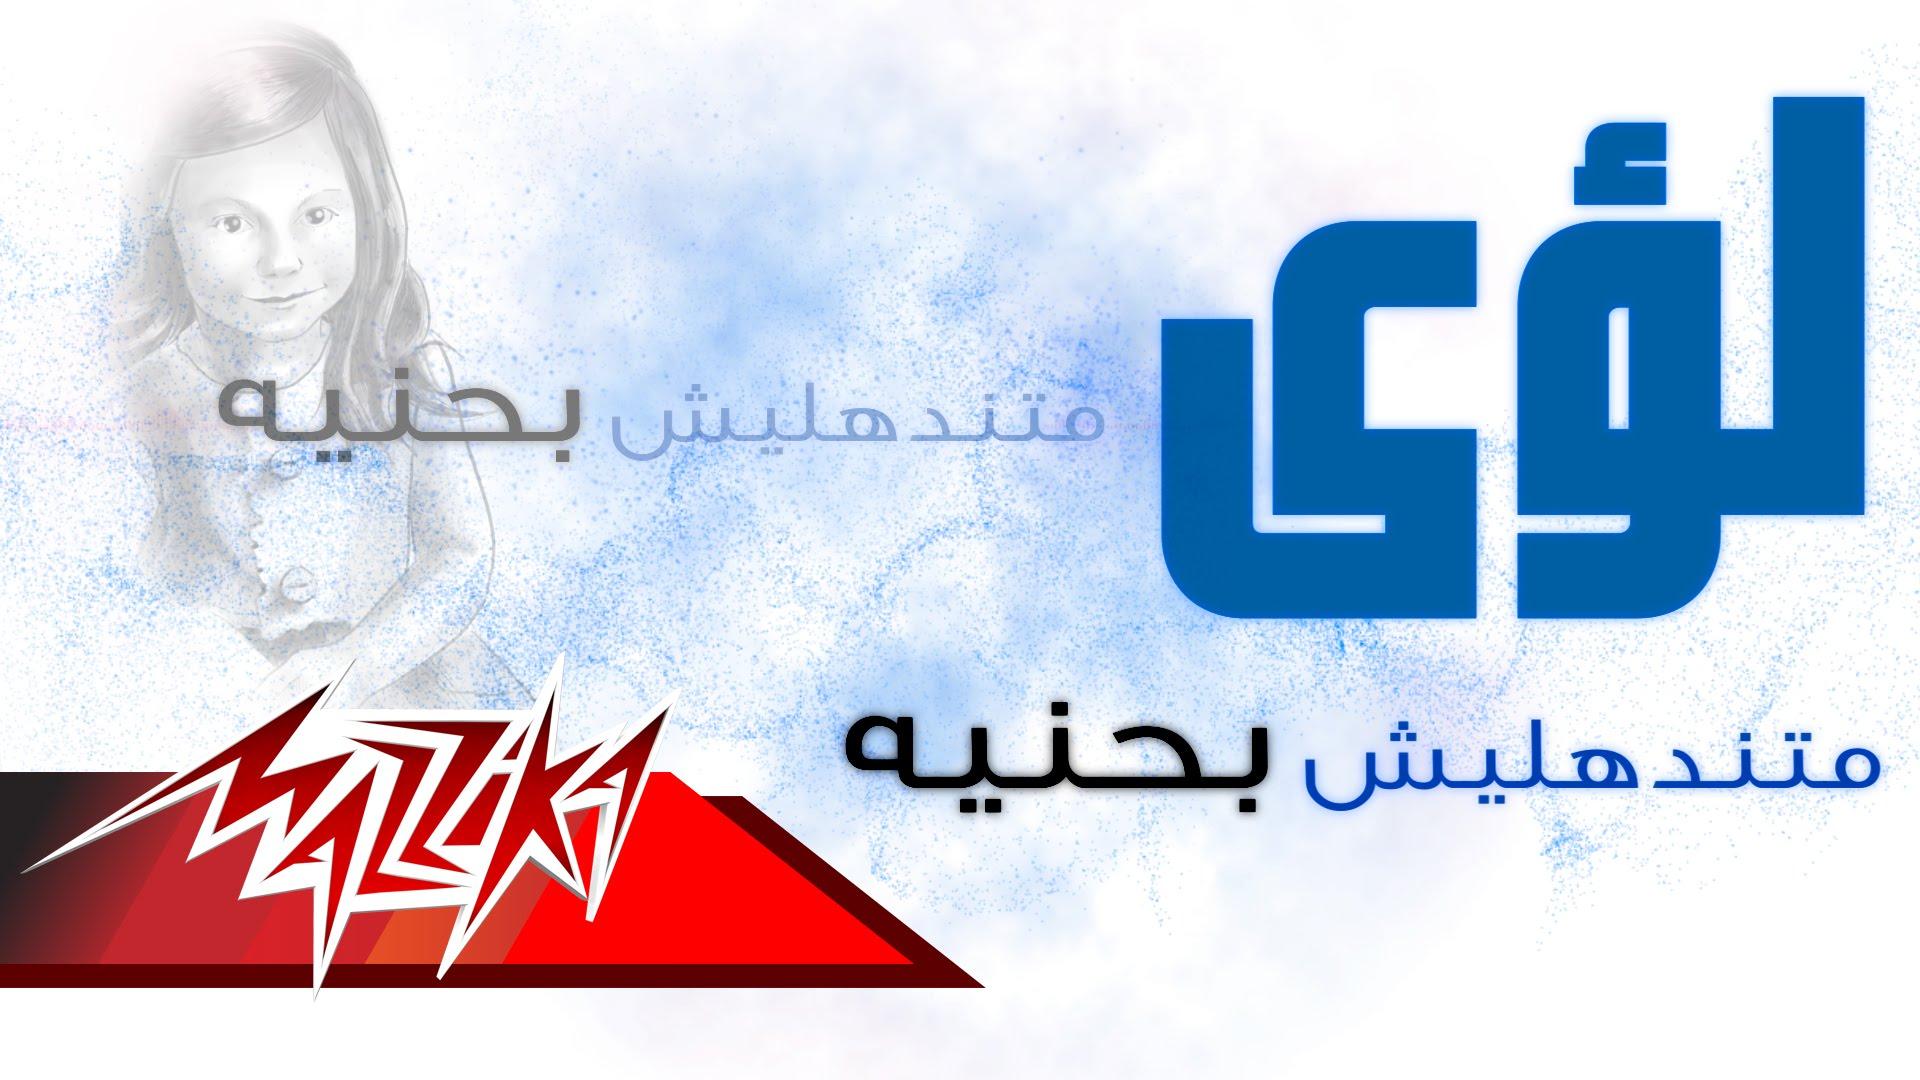 يوتيوب تحميل استماع اغنية متندهليش بحنية لؤى 2015 Mp3